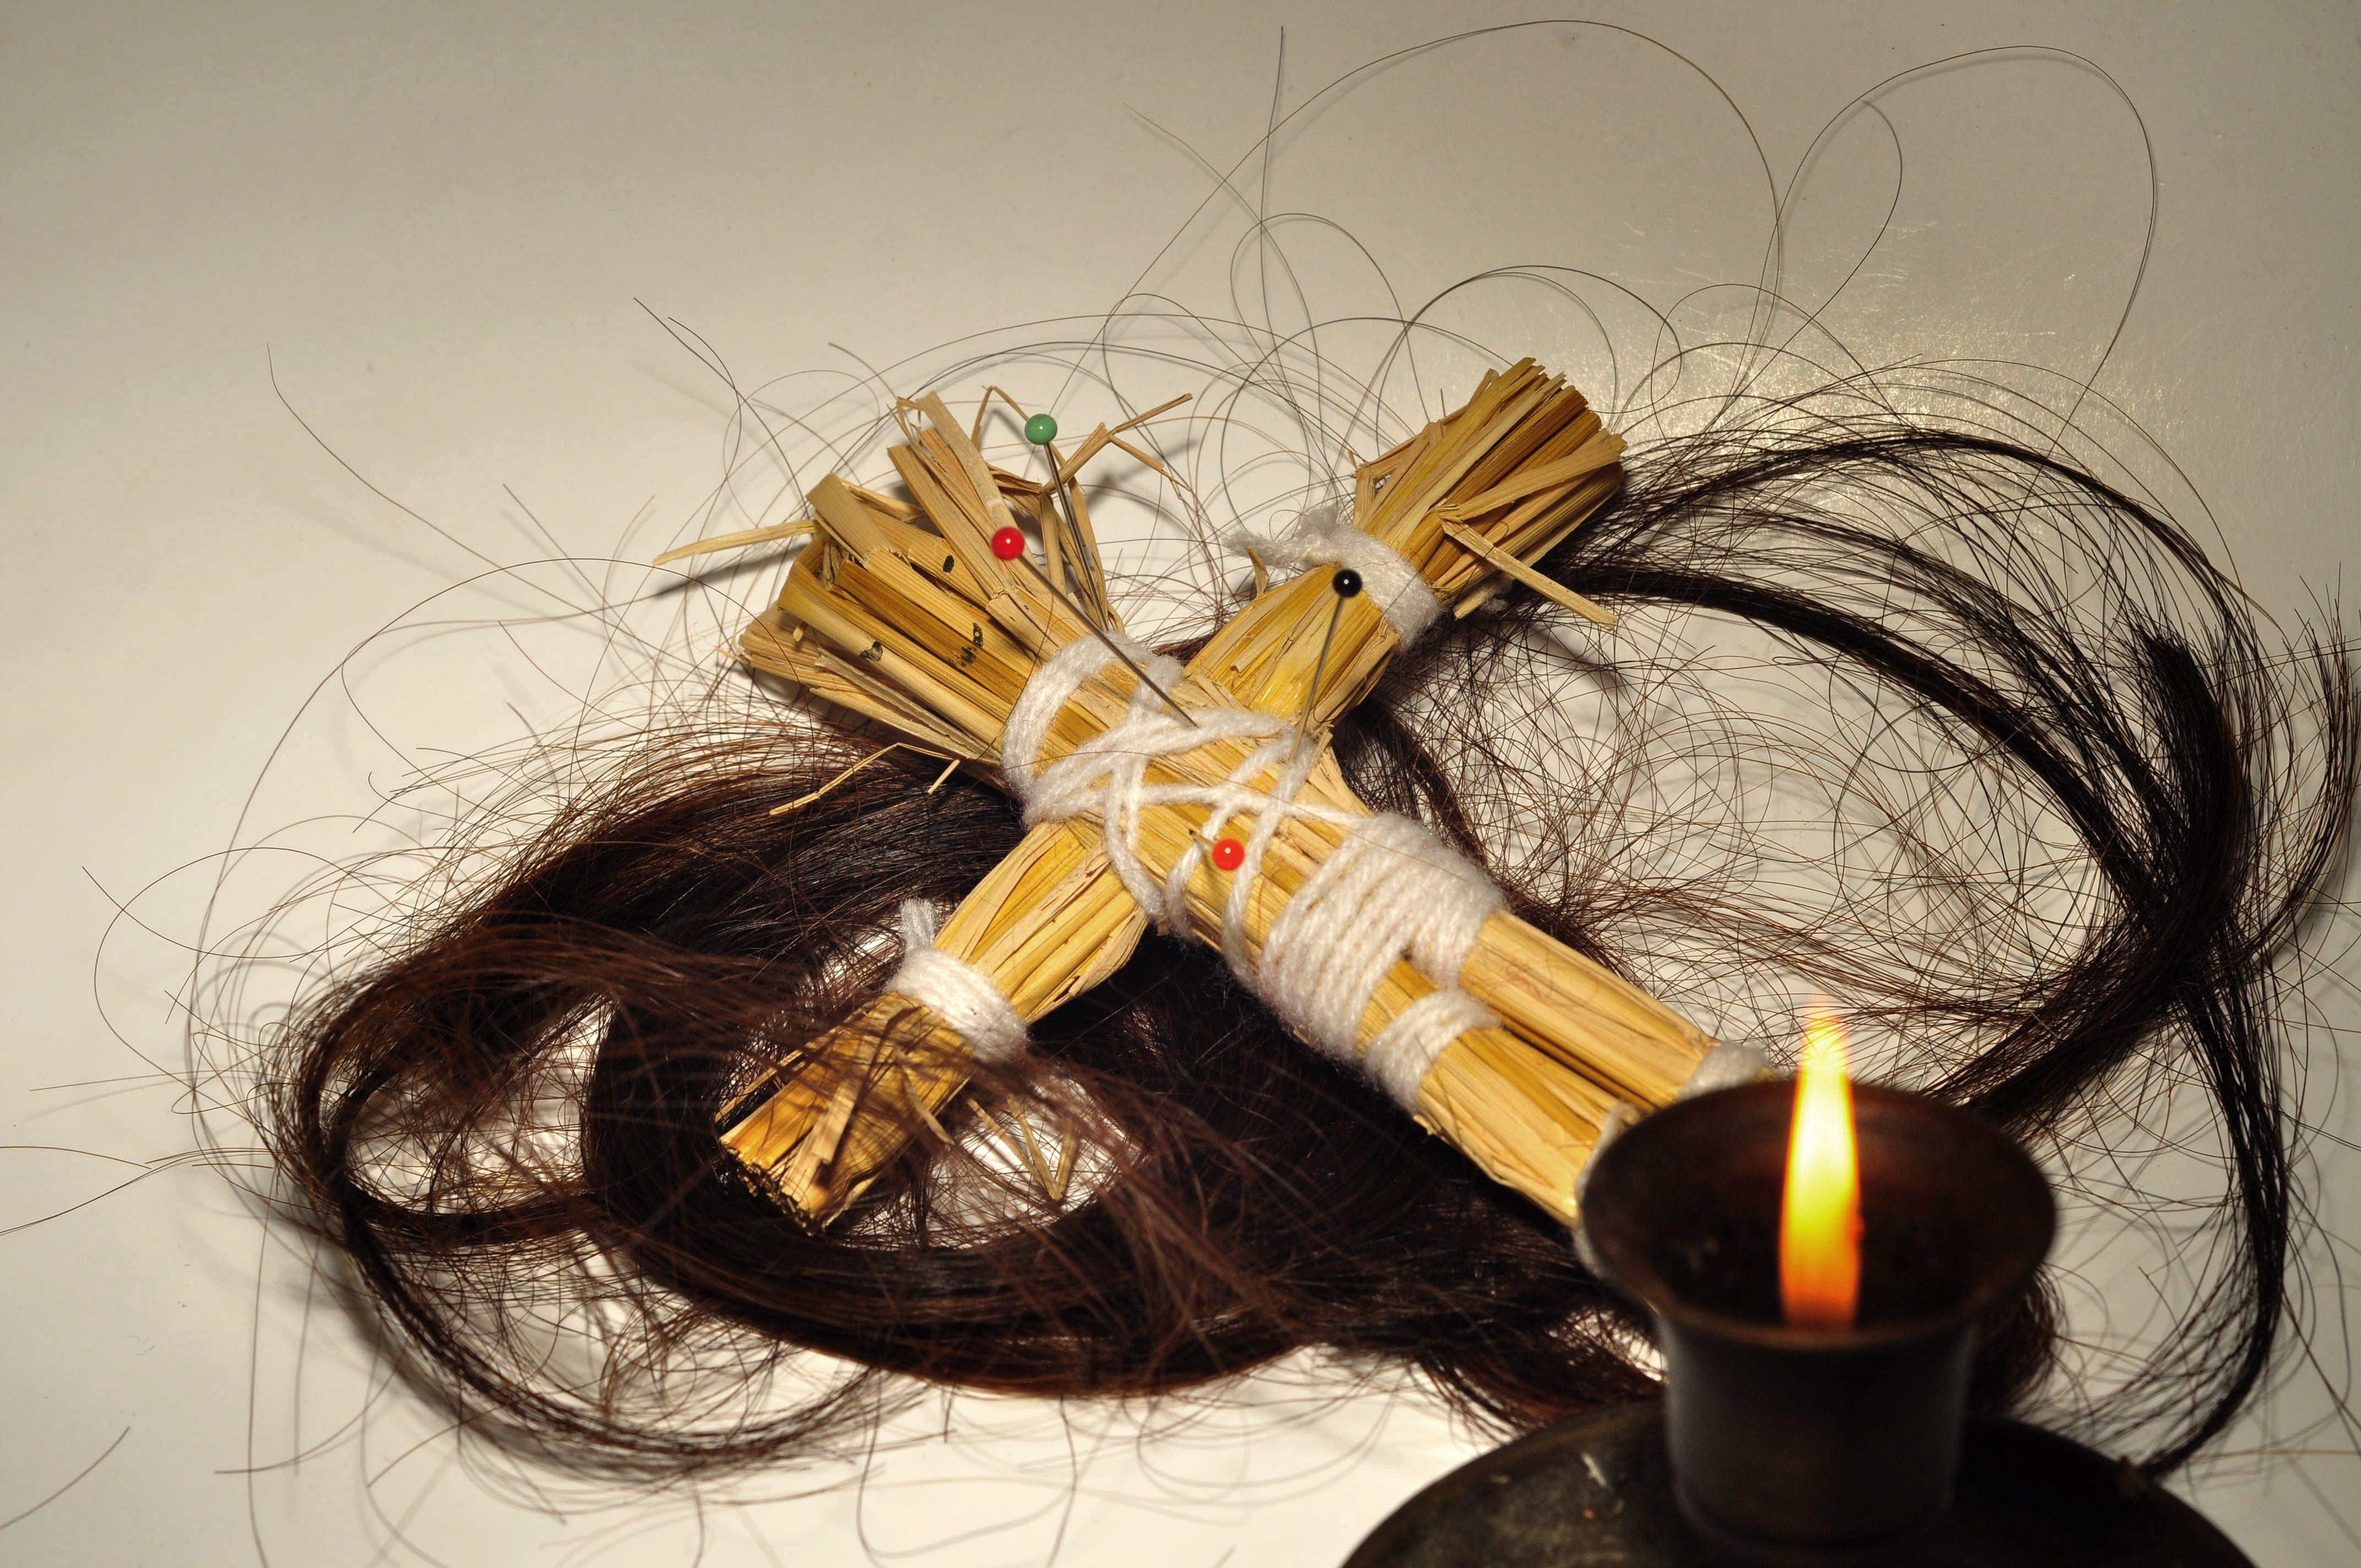 как приворожить мужчину с помощью волоса с паха